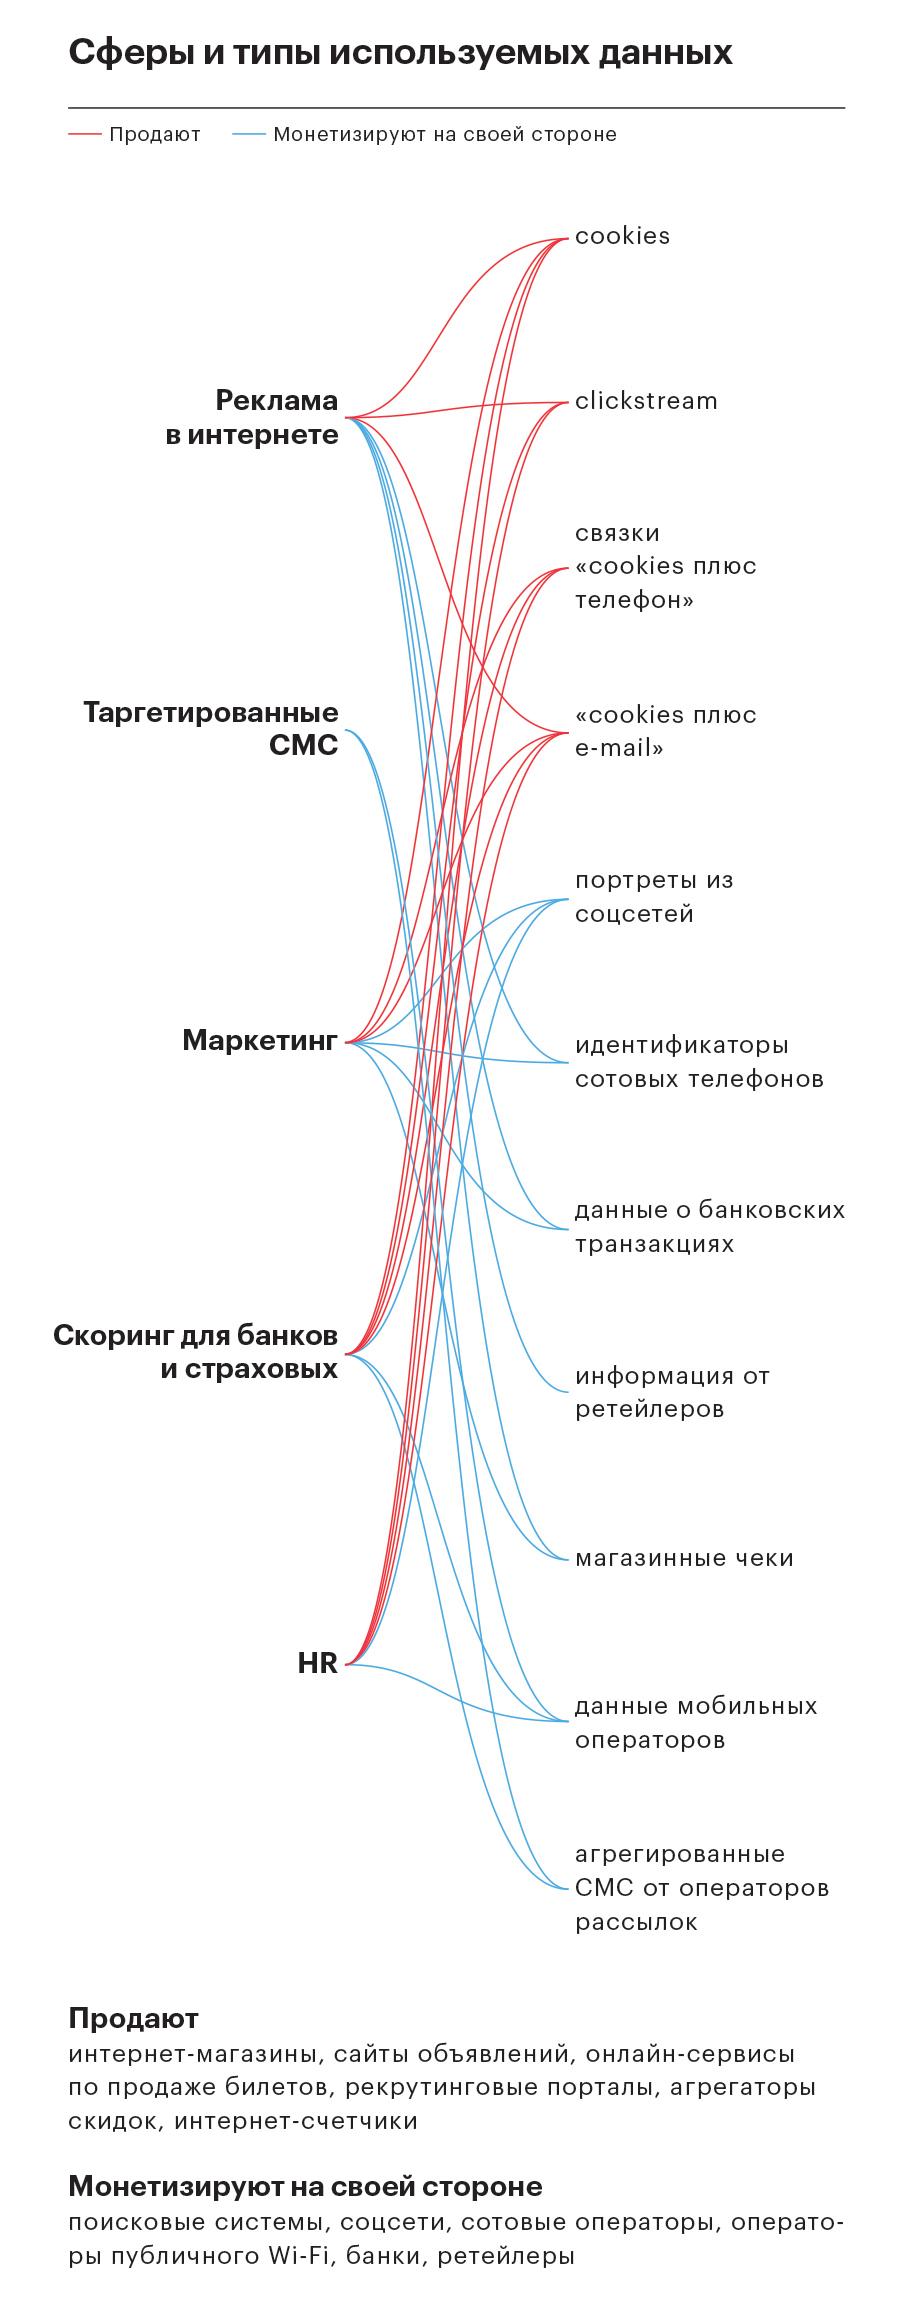 https://s0.rbk.ru/v6_top_pics/resized/945xH/media/img/9/37/755217272043379.png